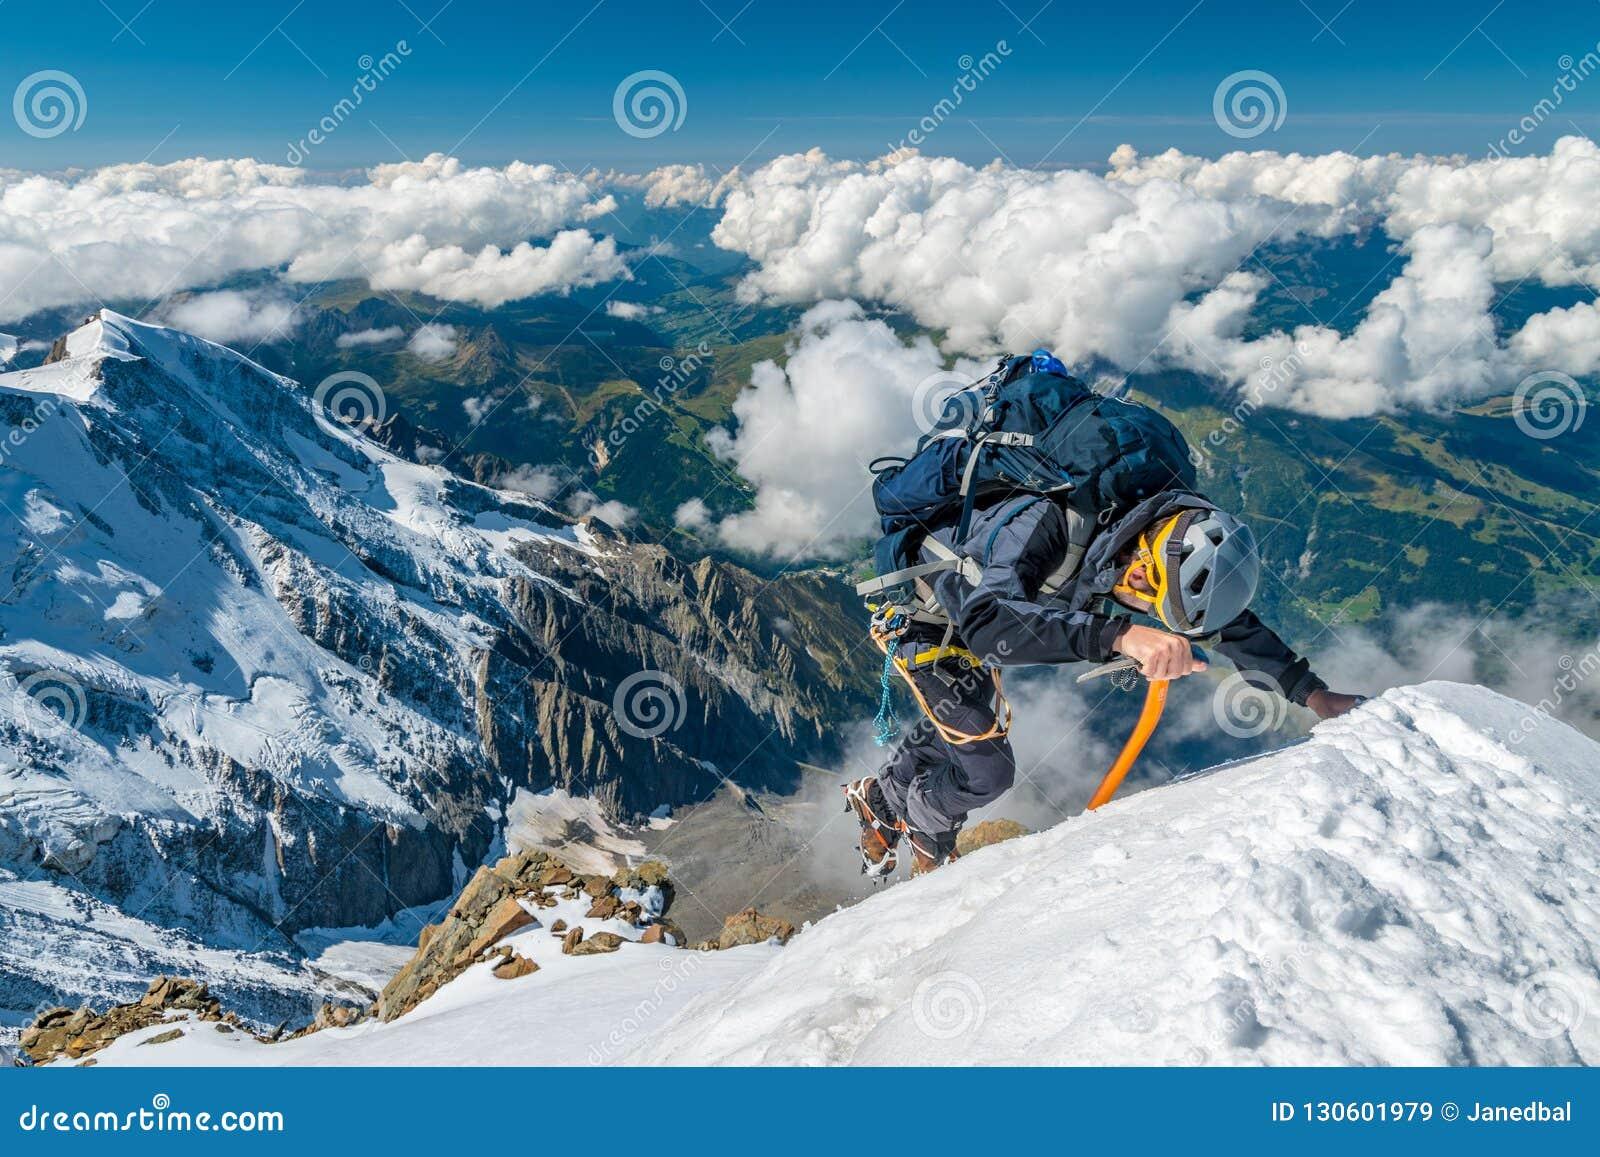 Ακραίος αλπινιστής στο μεγάλο υψόμετρο Aiguille de Bionnassay στην κορυφή βουνών, ορεινός όγκος της Mont Blanc, Άλπεις, Γαλλία